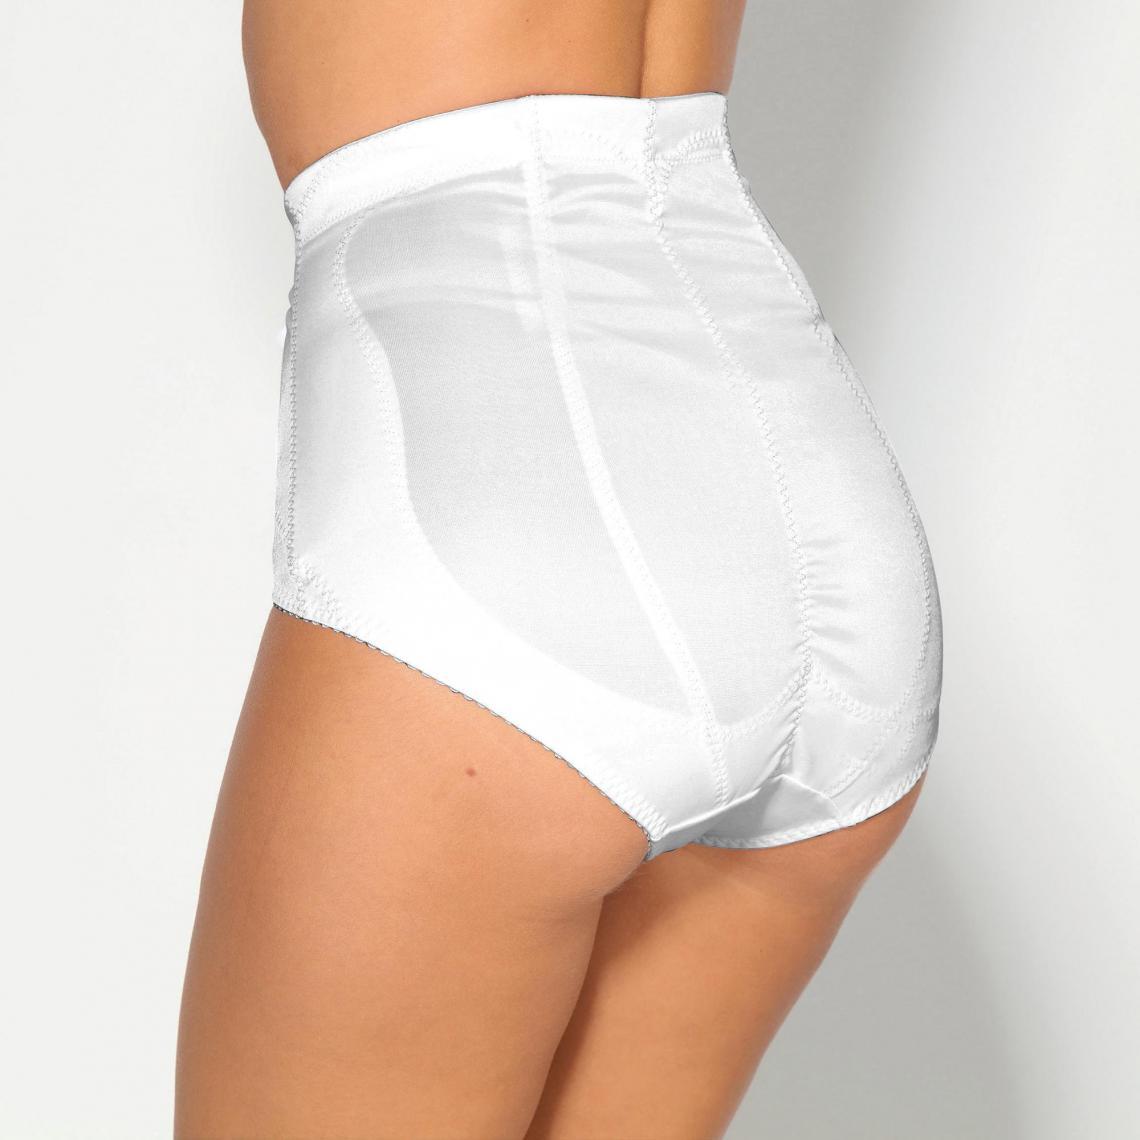 Gaine haute effet ventre plat femme Exclusivité 3SUISSES - Blanc  d5b36074dca